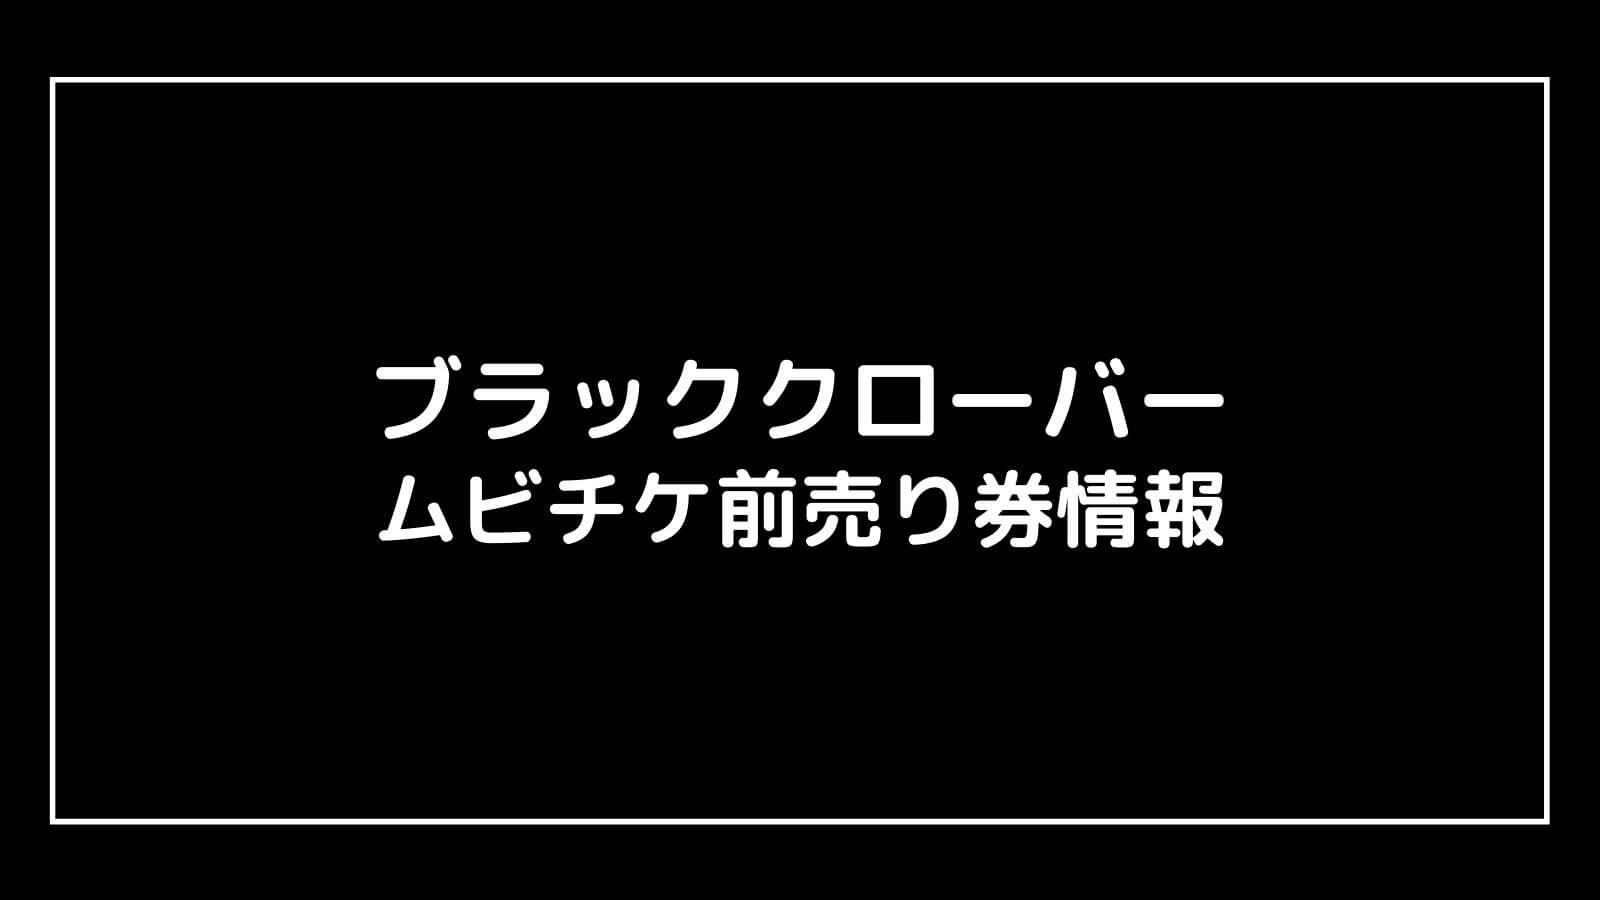 『ブラッククローバー』映画化決定!特典付きムビチケ前売り券はいつ発売する?